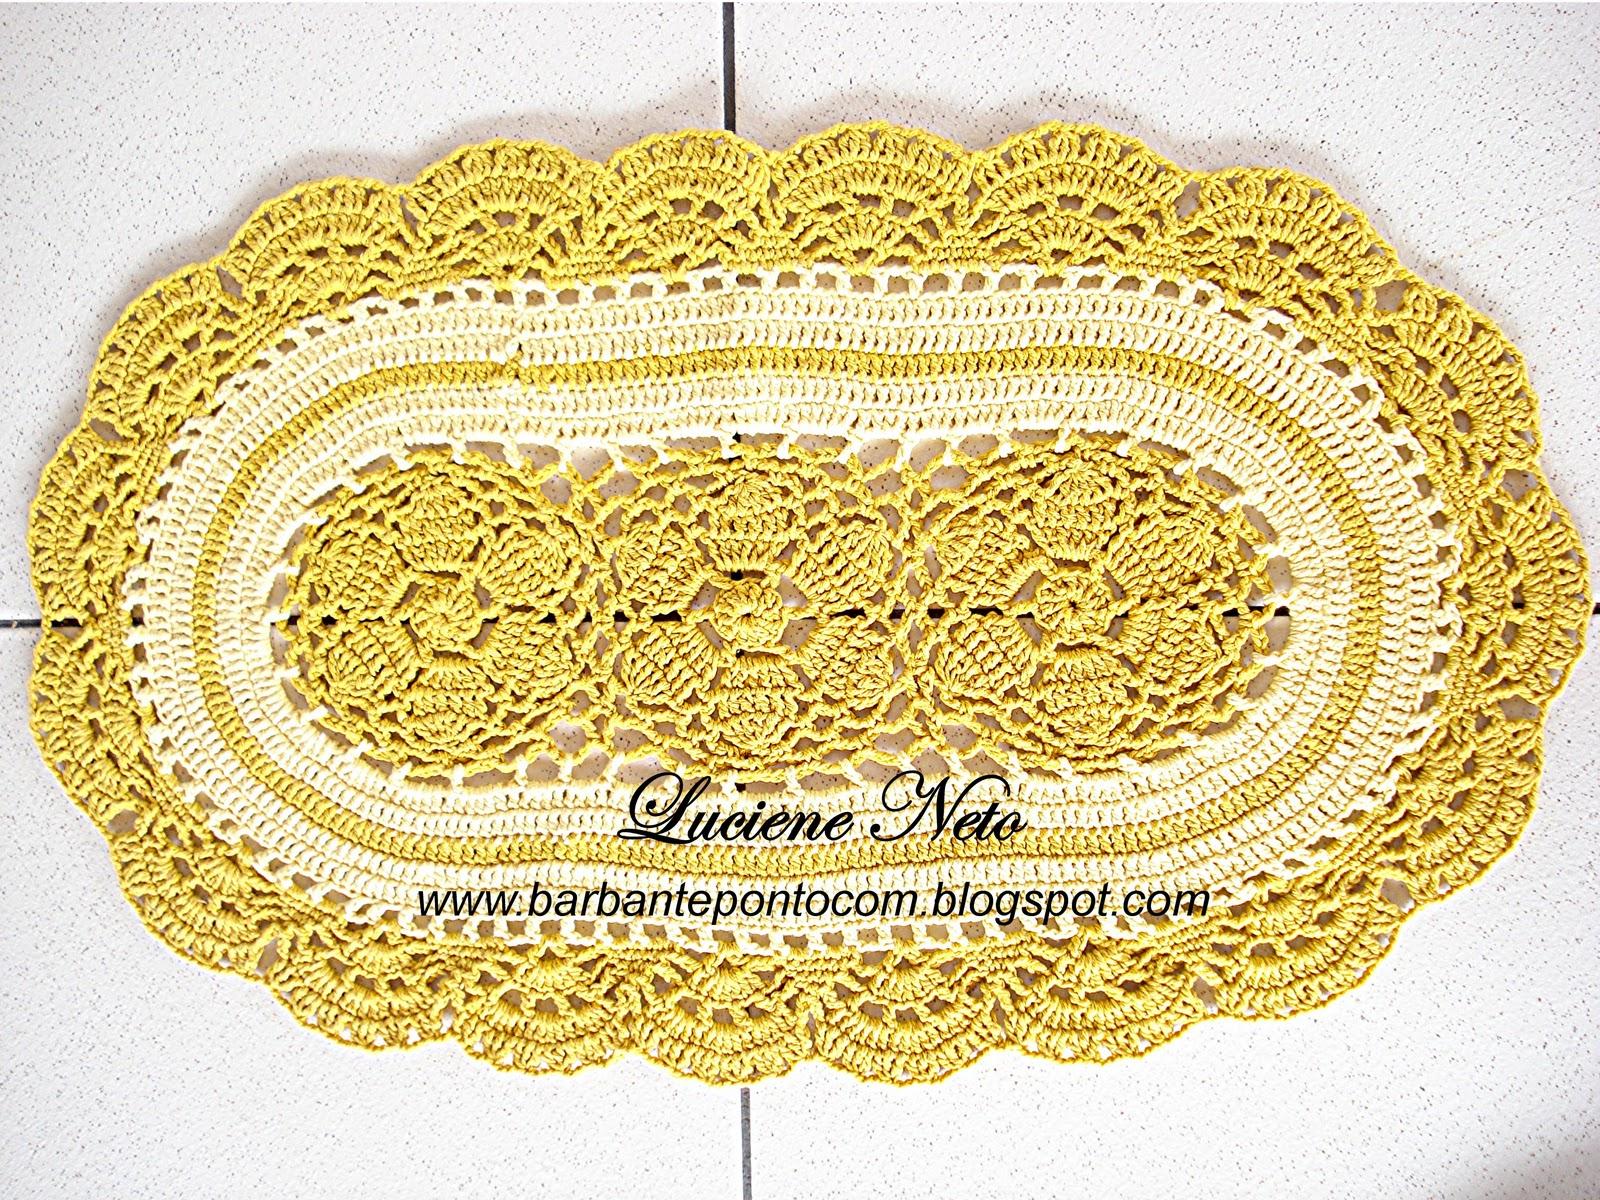 Tapete Oval Amarelo Barbante Pioneiro barbantepontocom #AD971E 1600 1200